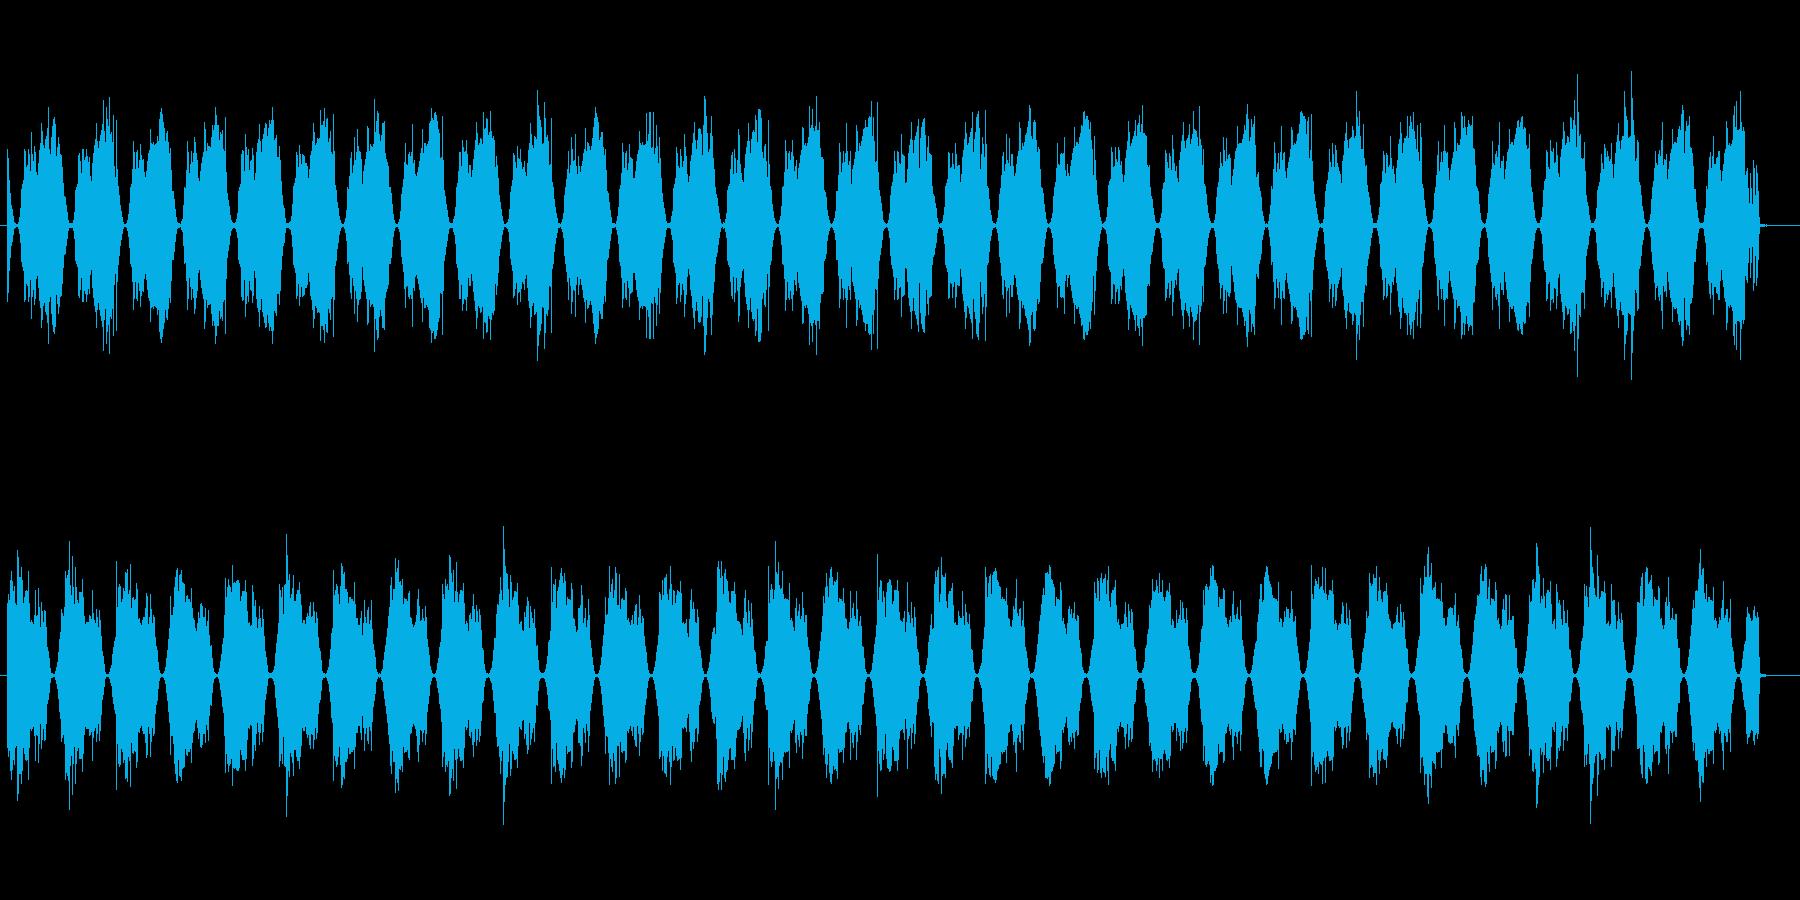 テクニカルで重厚感あるギターサウンドの再生済みの波形